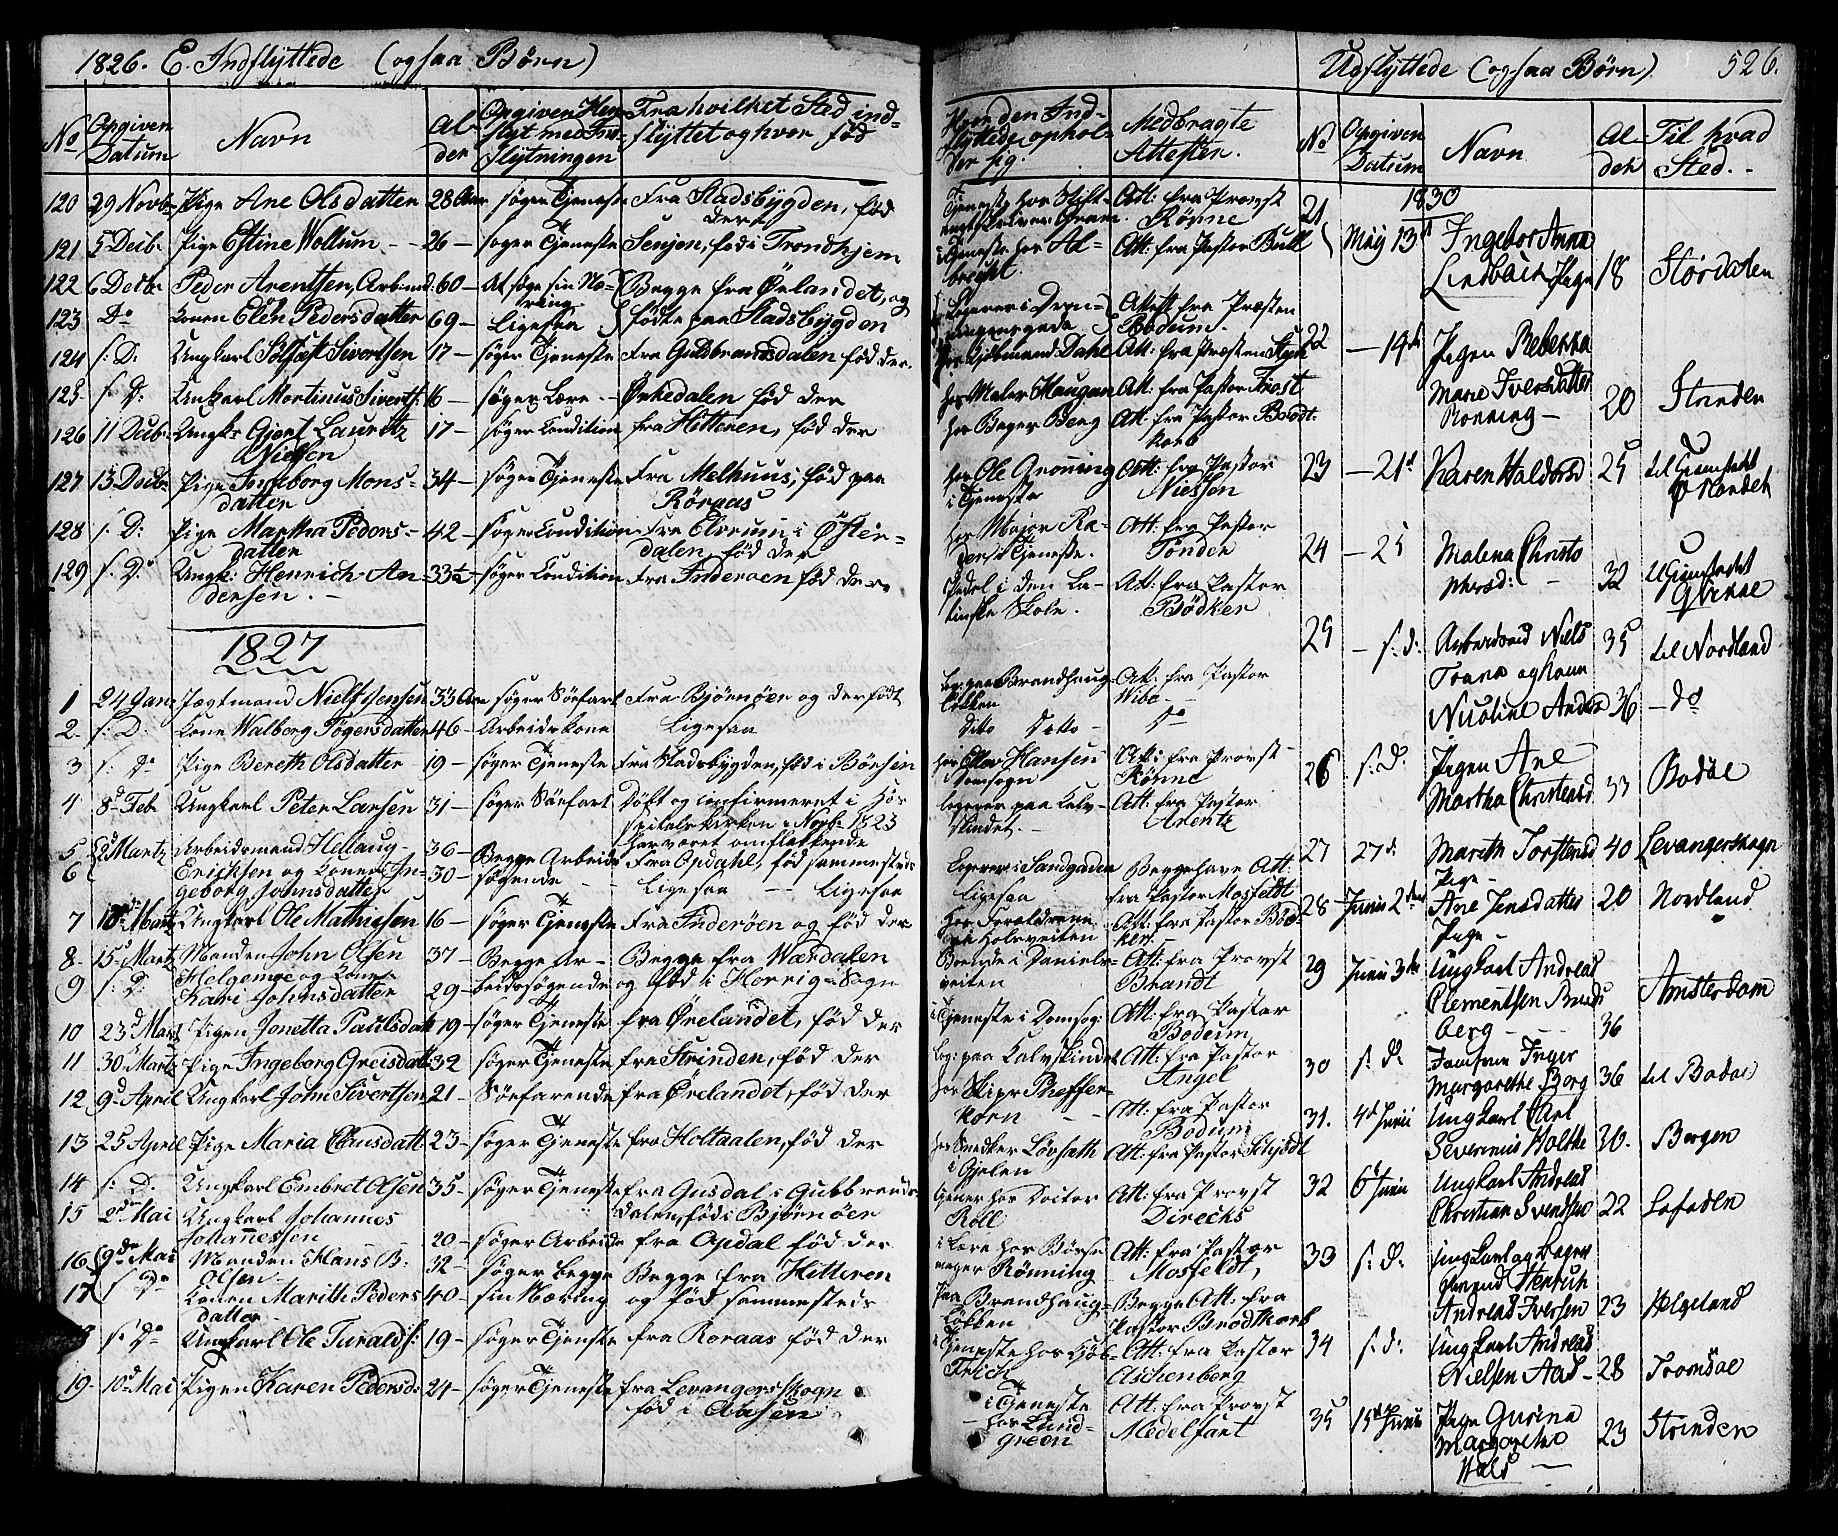 SAT, Ministerialprotokoller, klokkerbøker og fødselsregistre - Sør-Trøndelag, 601/L0045: Ministerialbok nr. 601A13, 1821-1831, s. 526